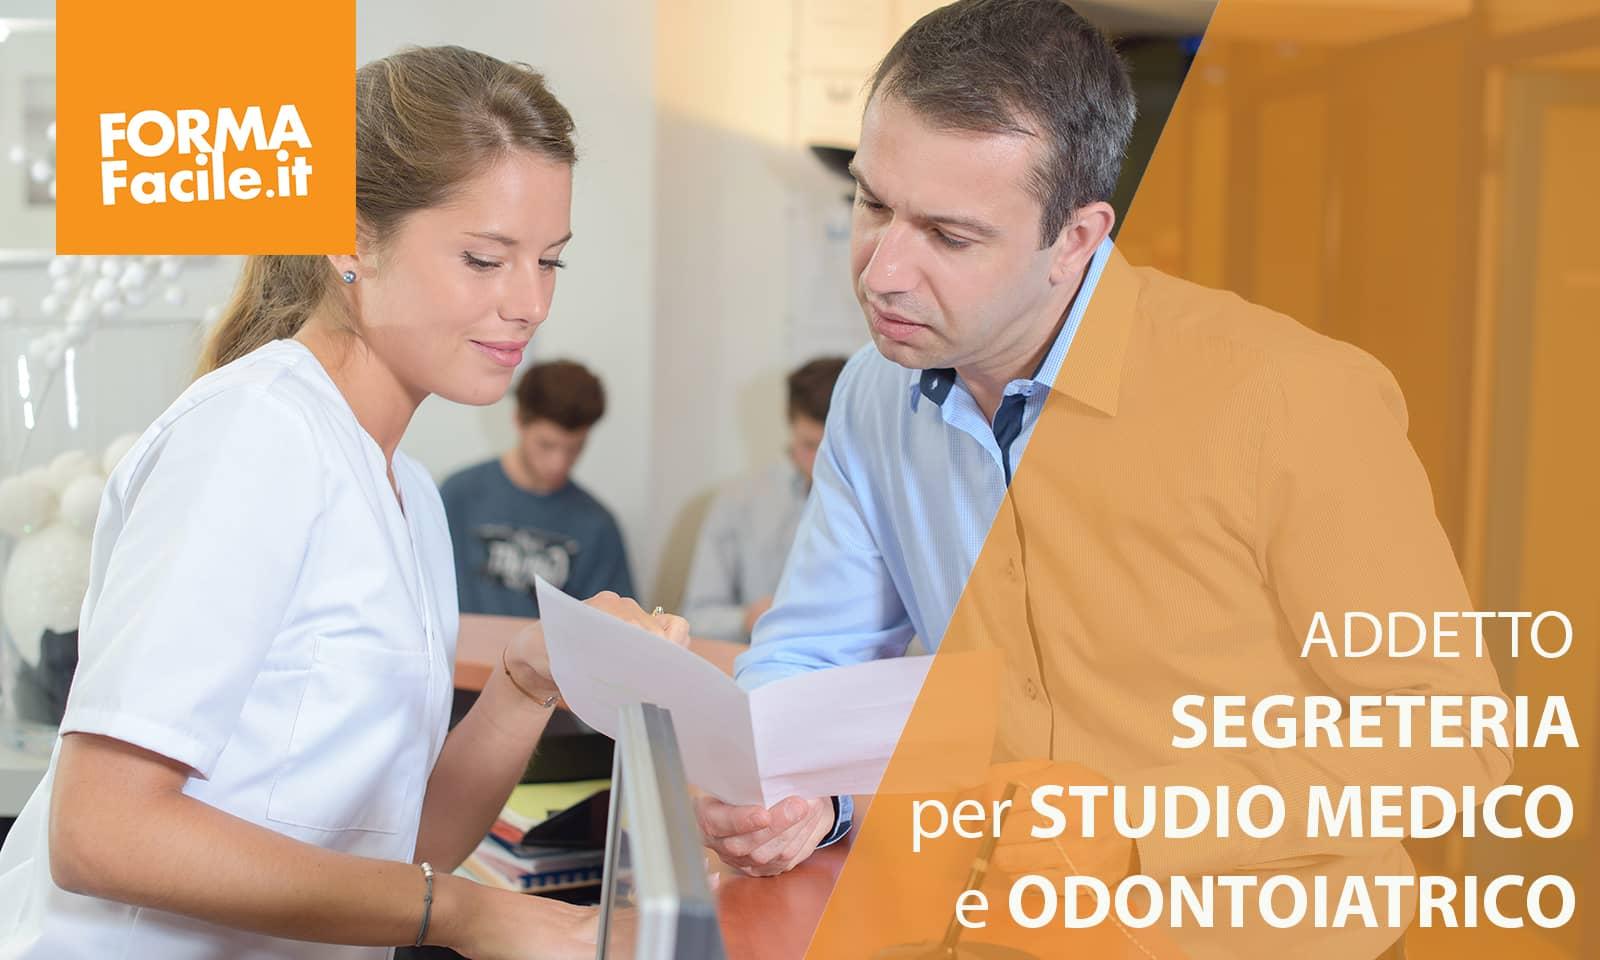 segretaria di studio medico